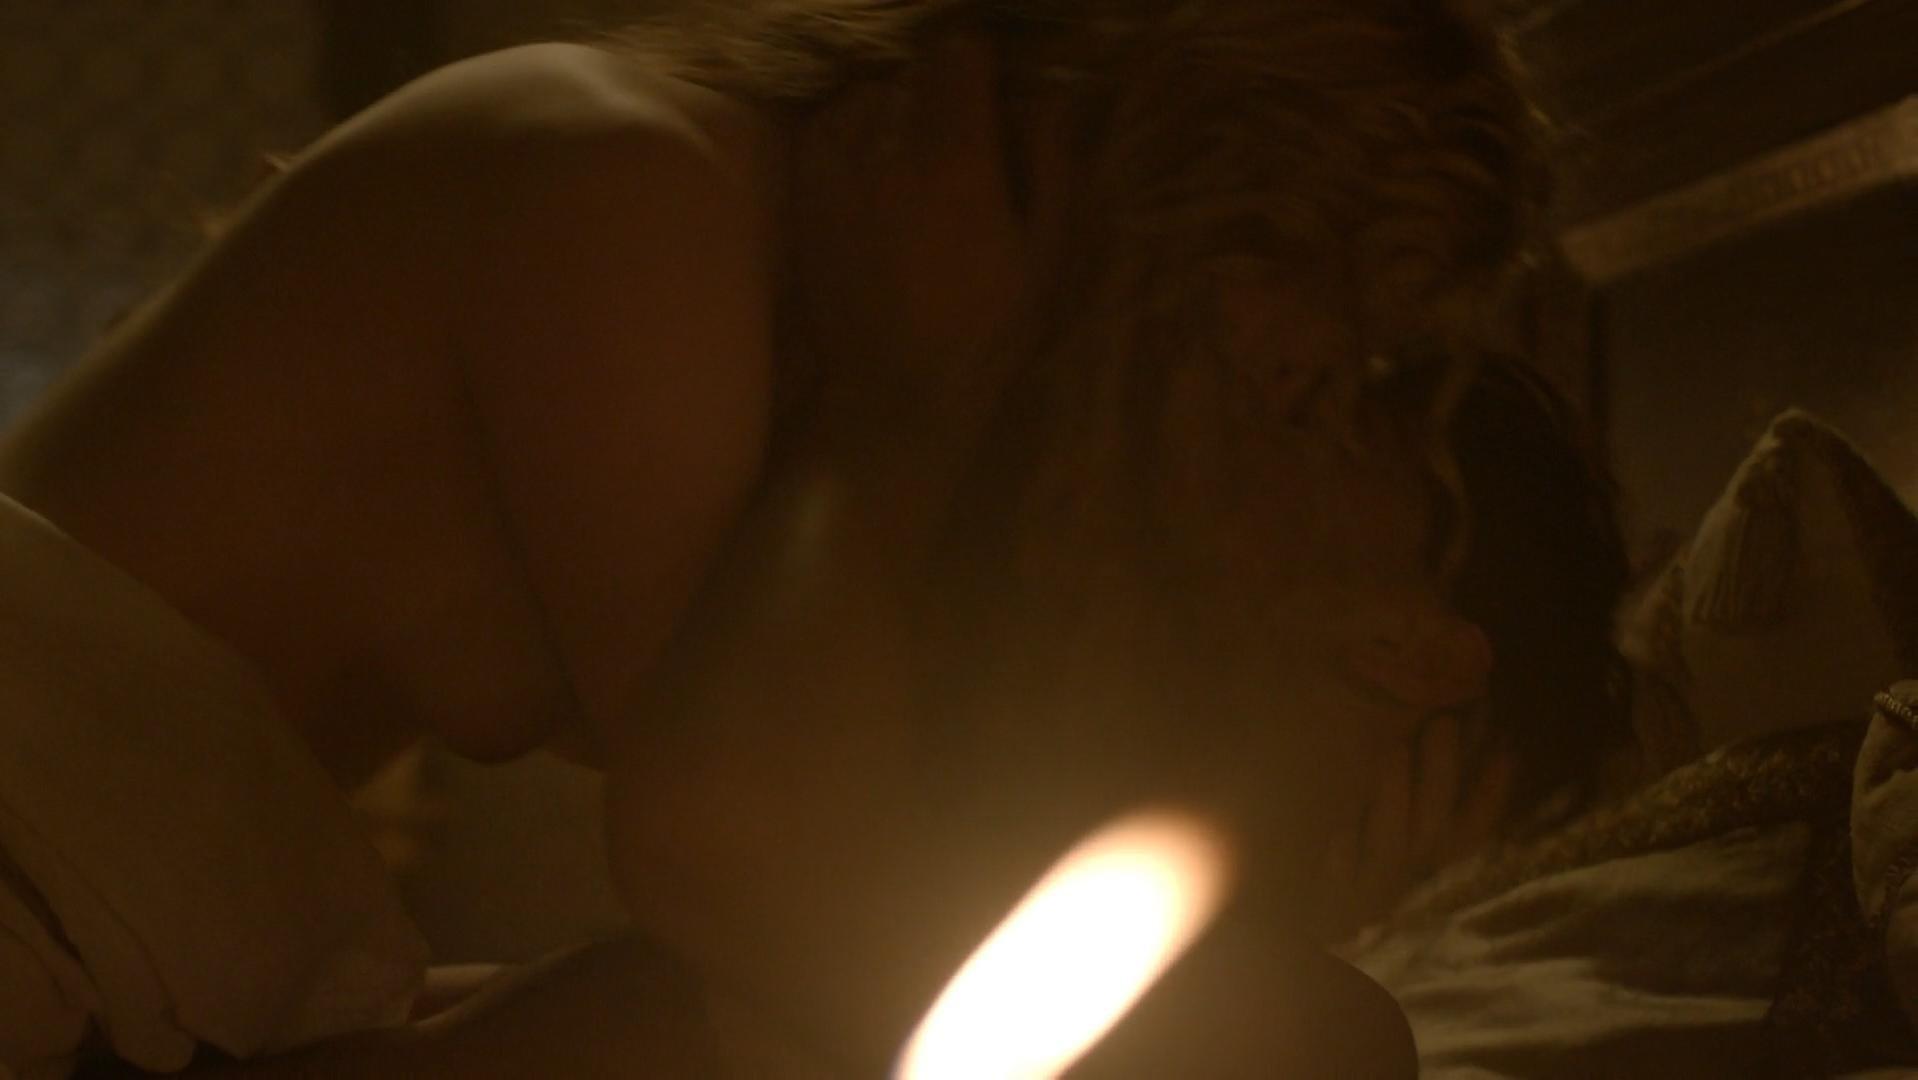 Holliday Grainger nude - The Borgias s02e02 (2012)